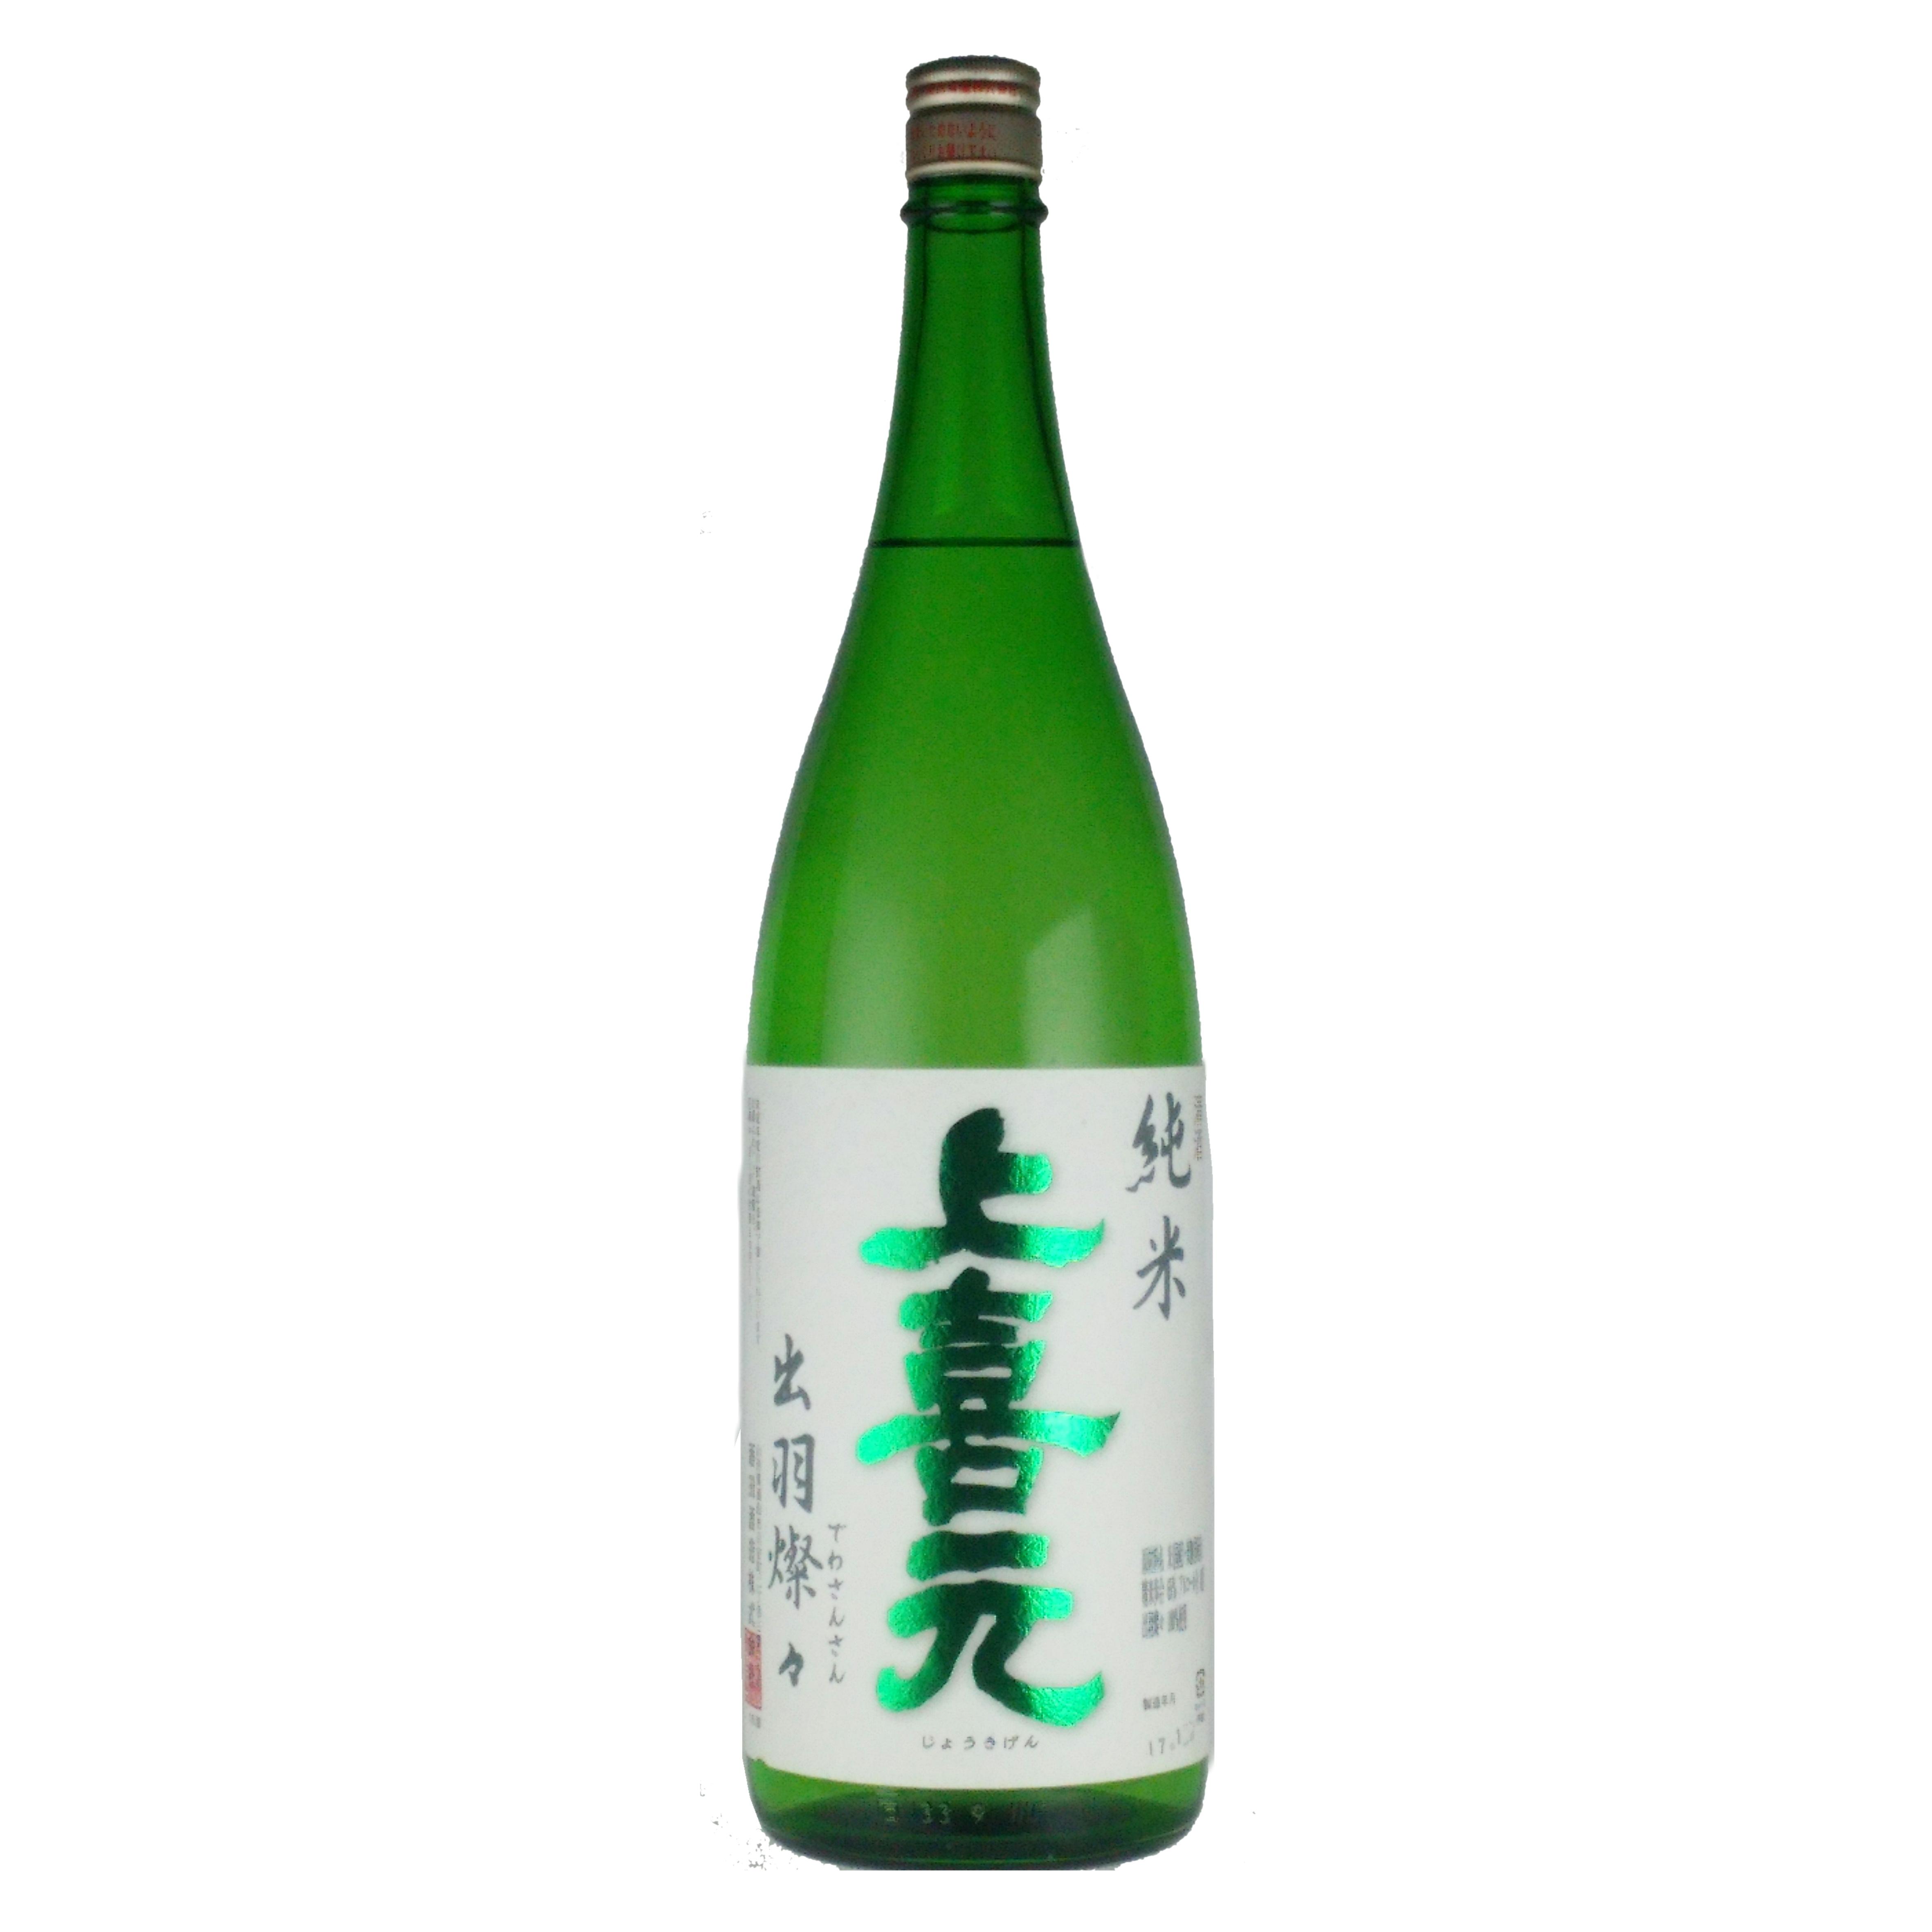 上喜元 出羽燦々 純米酒 1800ml